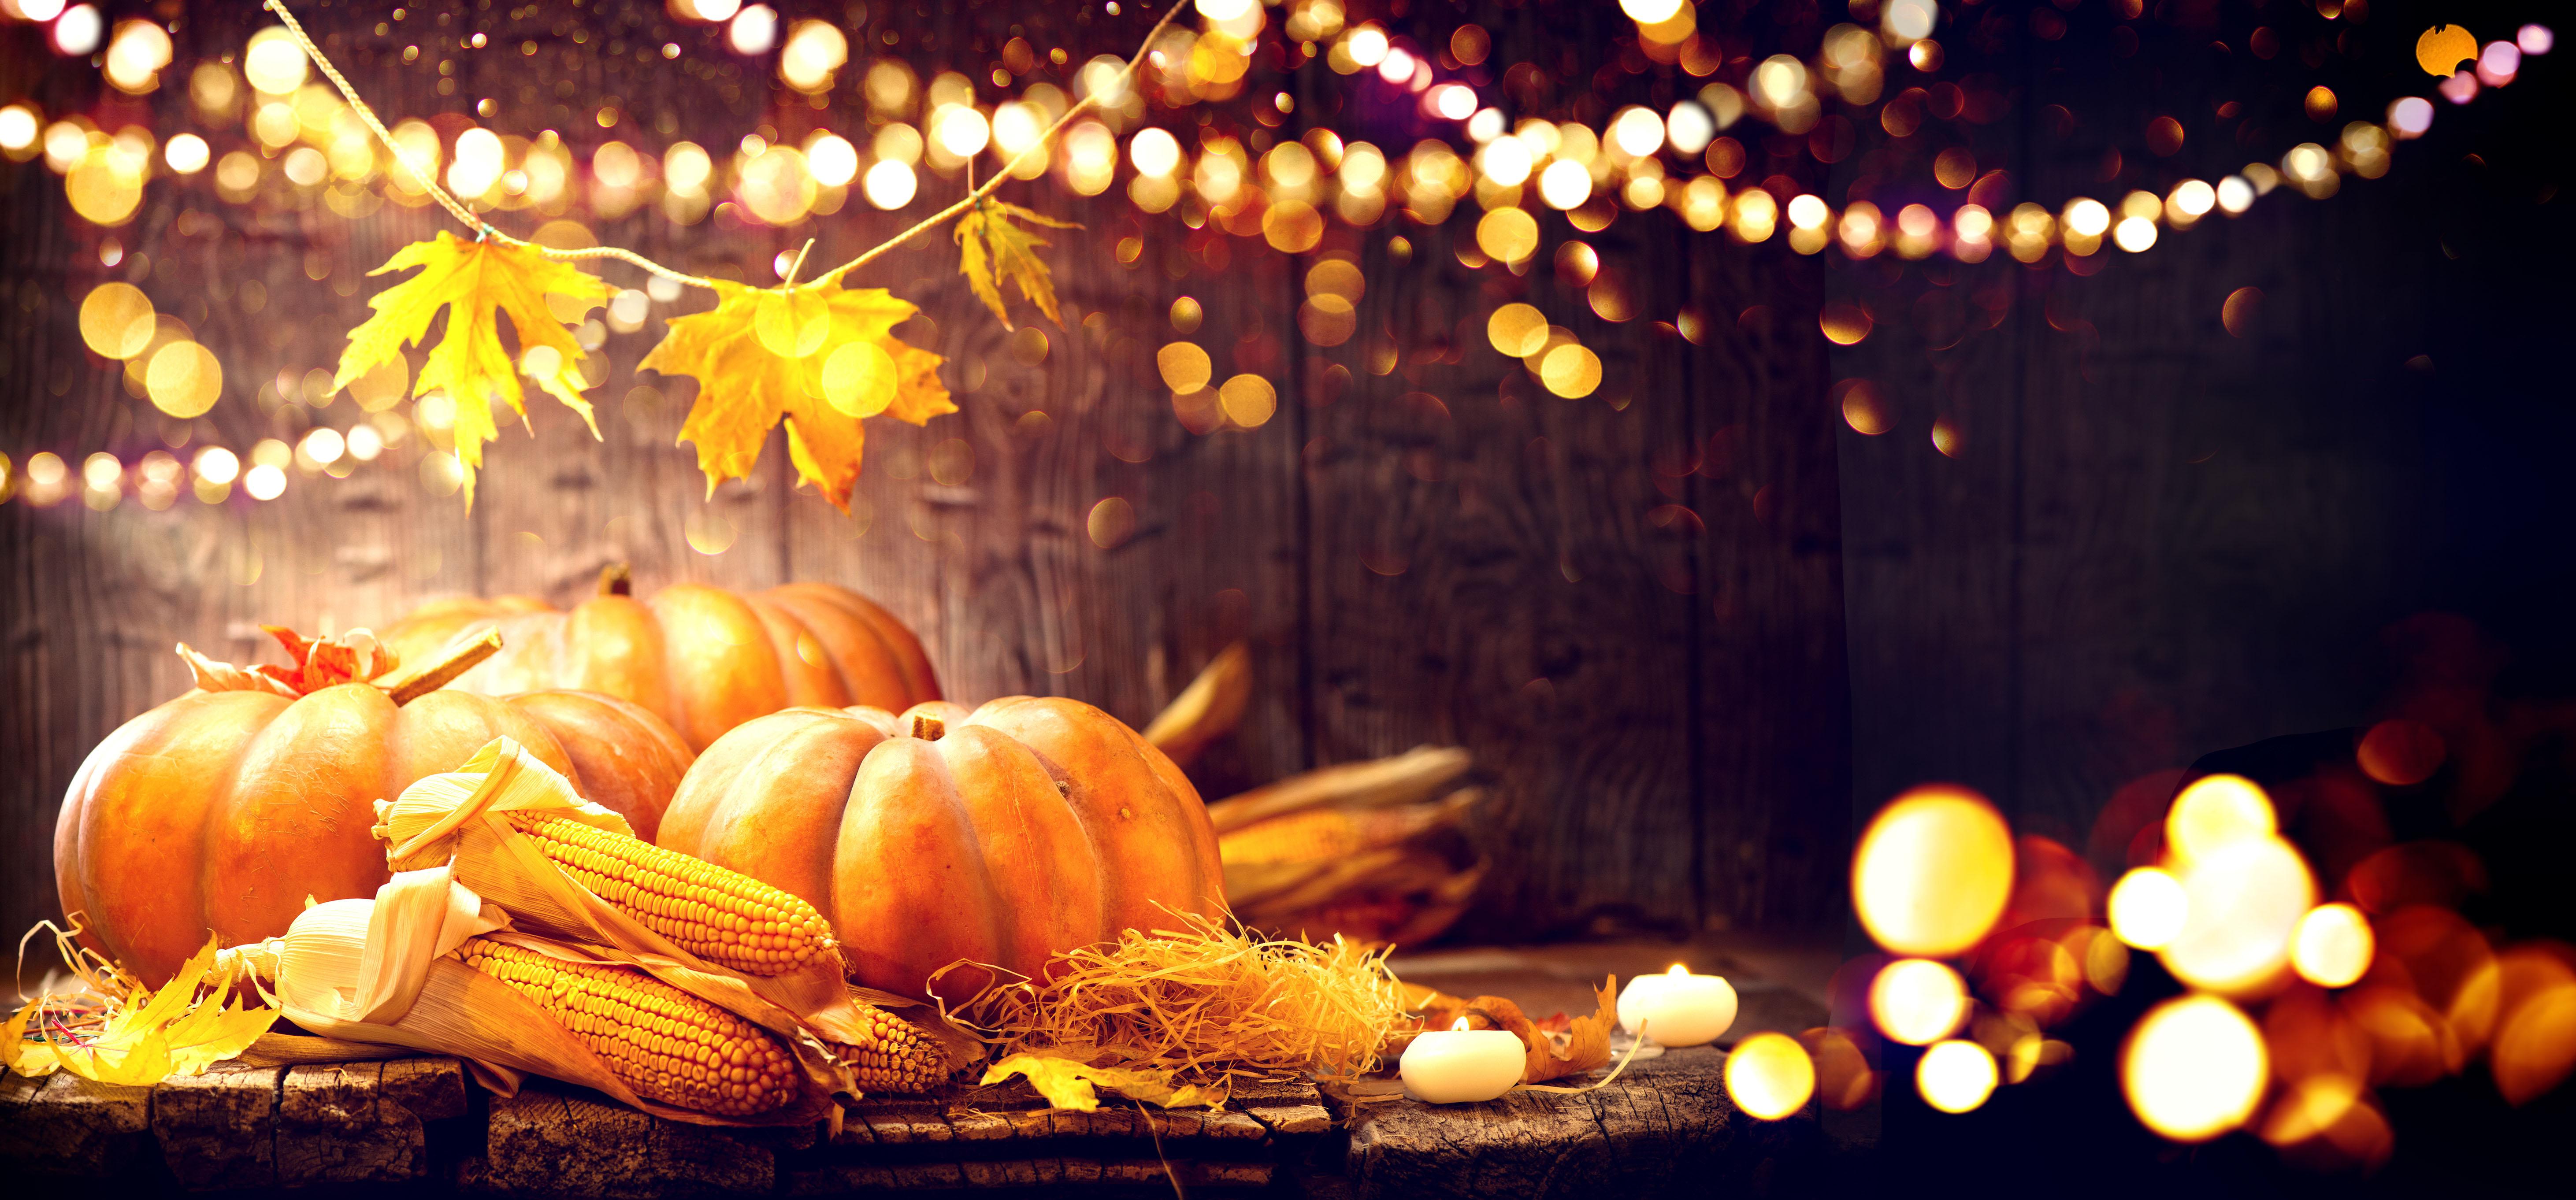 Décorations tendance pour vos citrouilles d'Halloween - DIY - Citrouilles non taillées